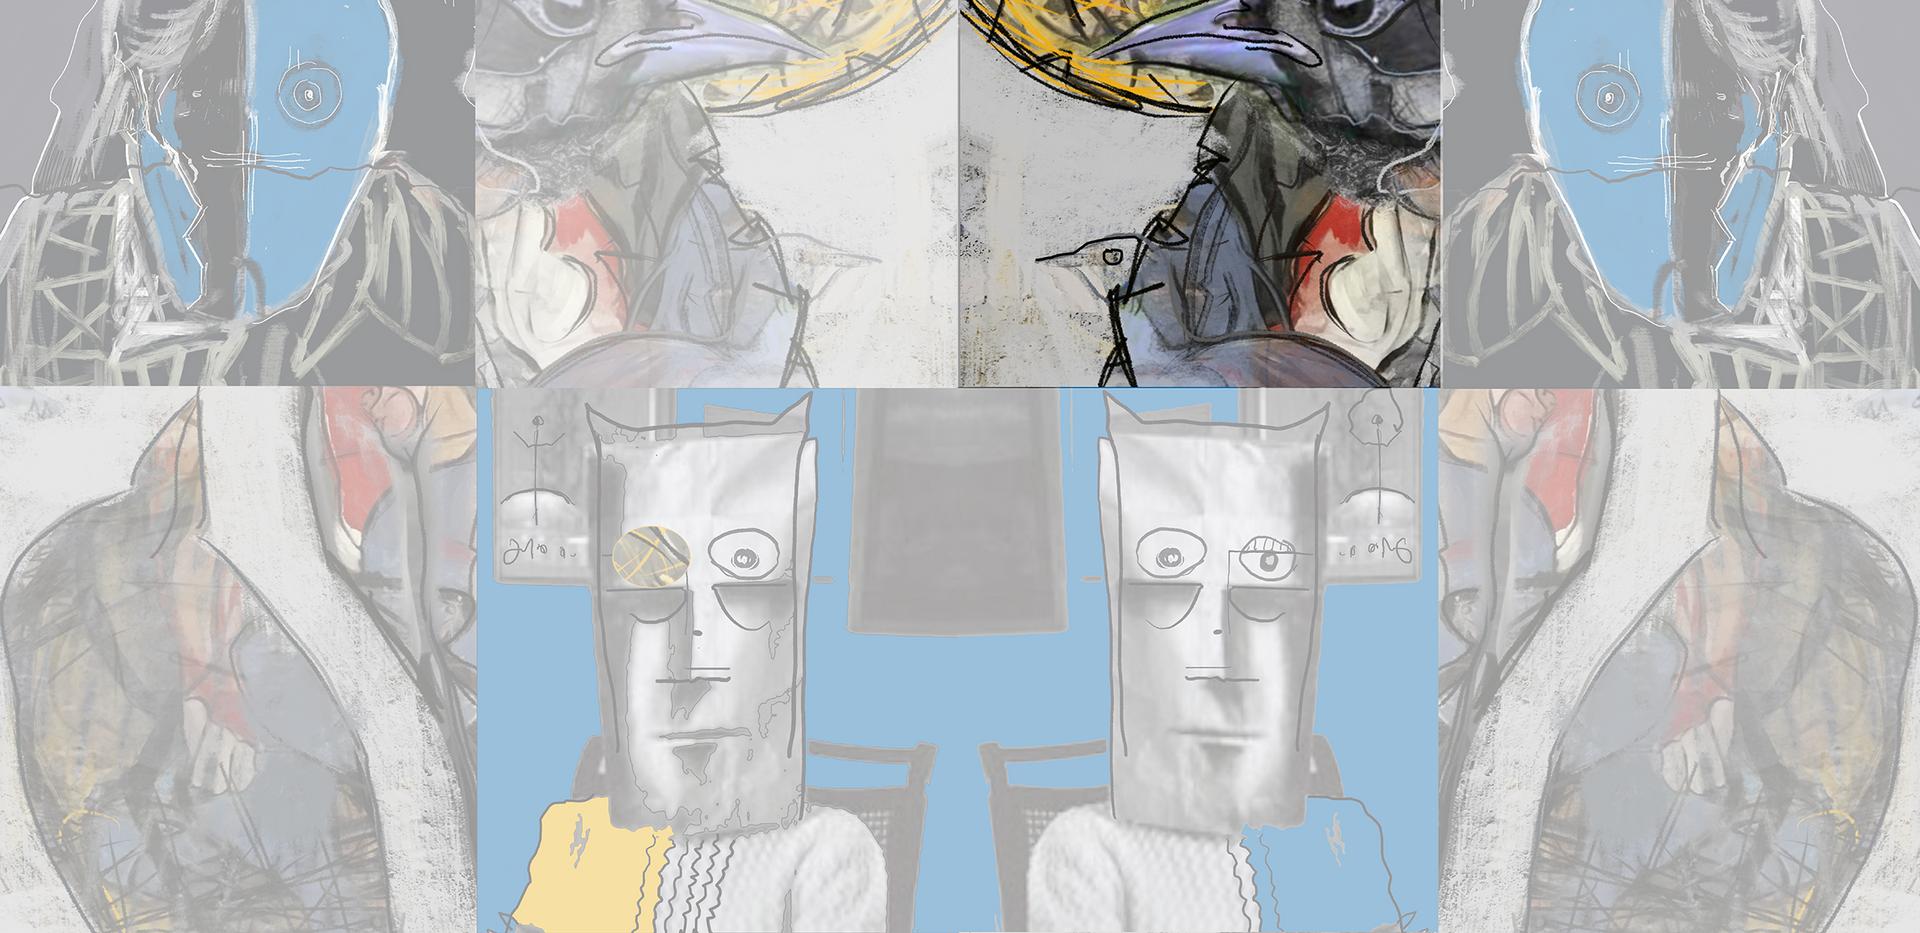 bord-04-tekening-03.png